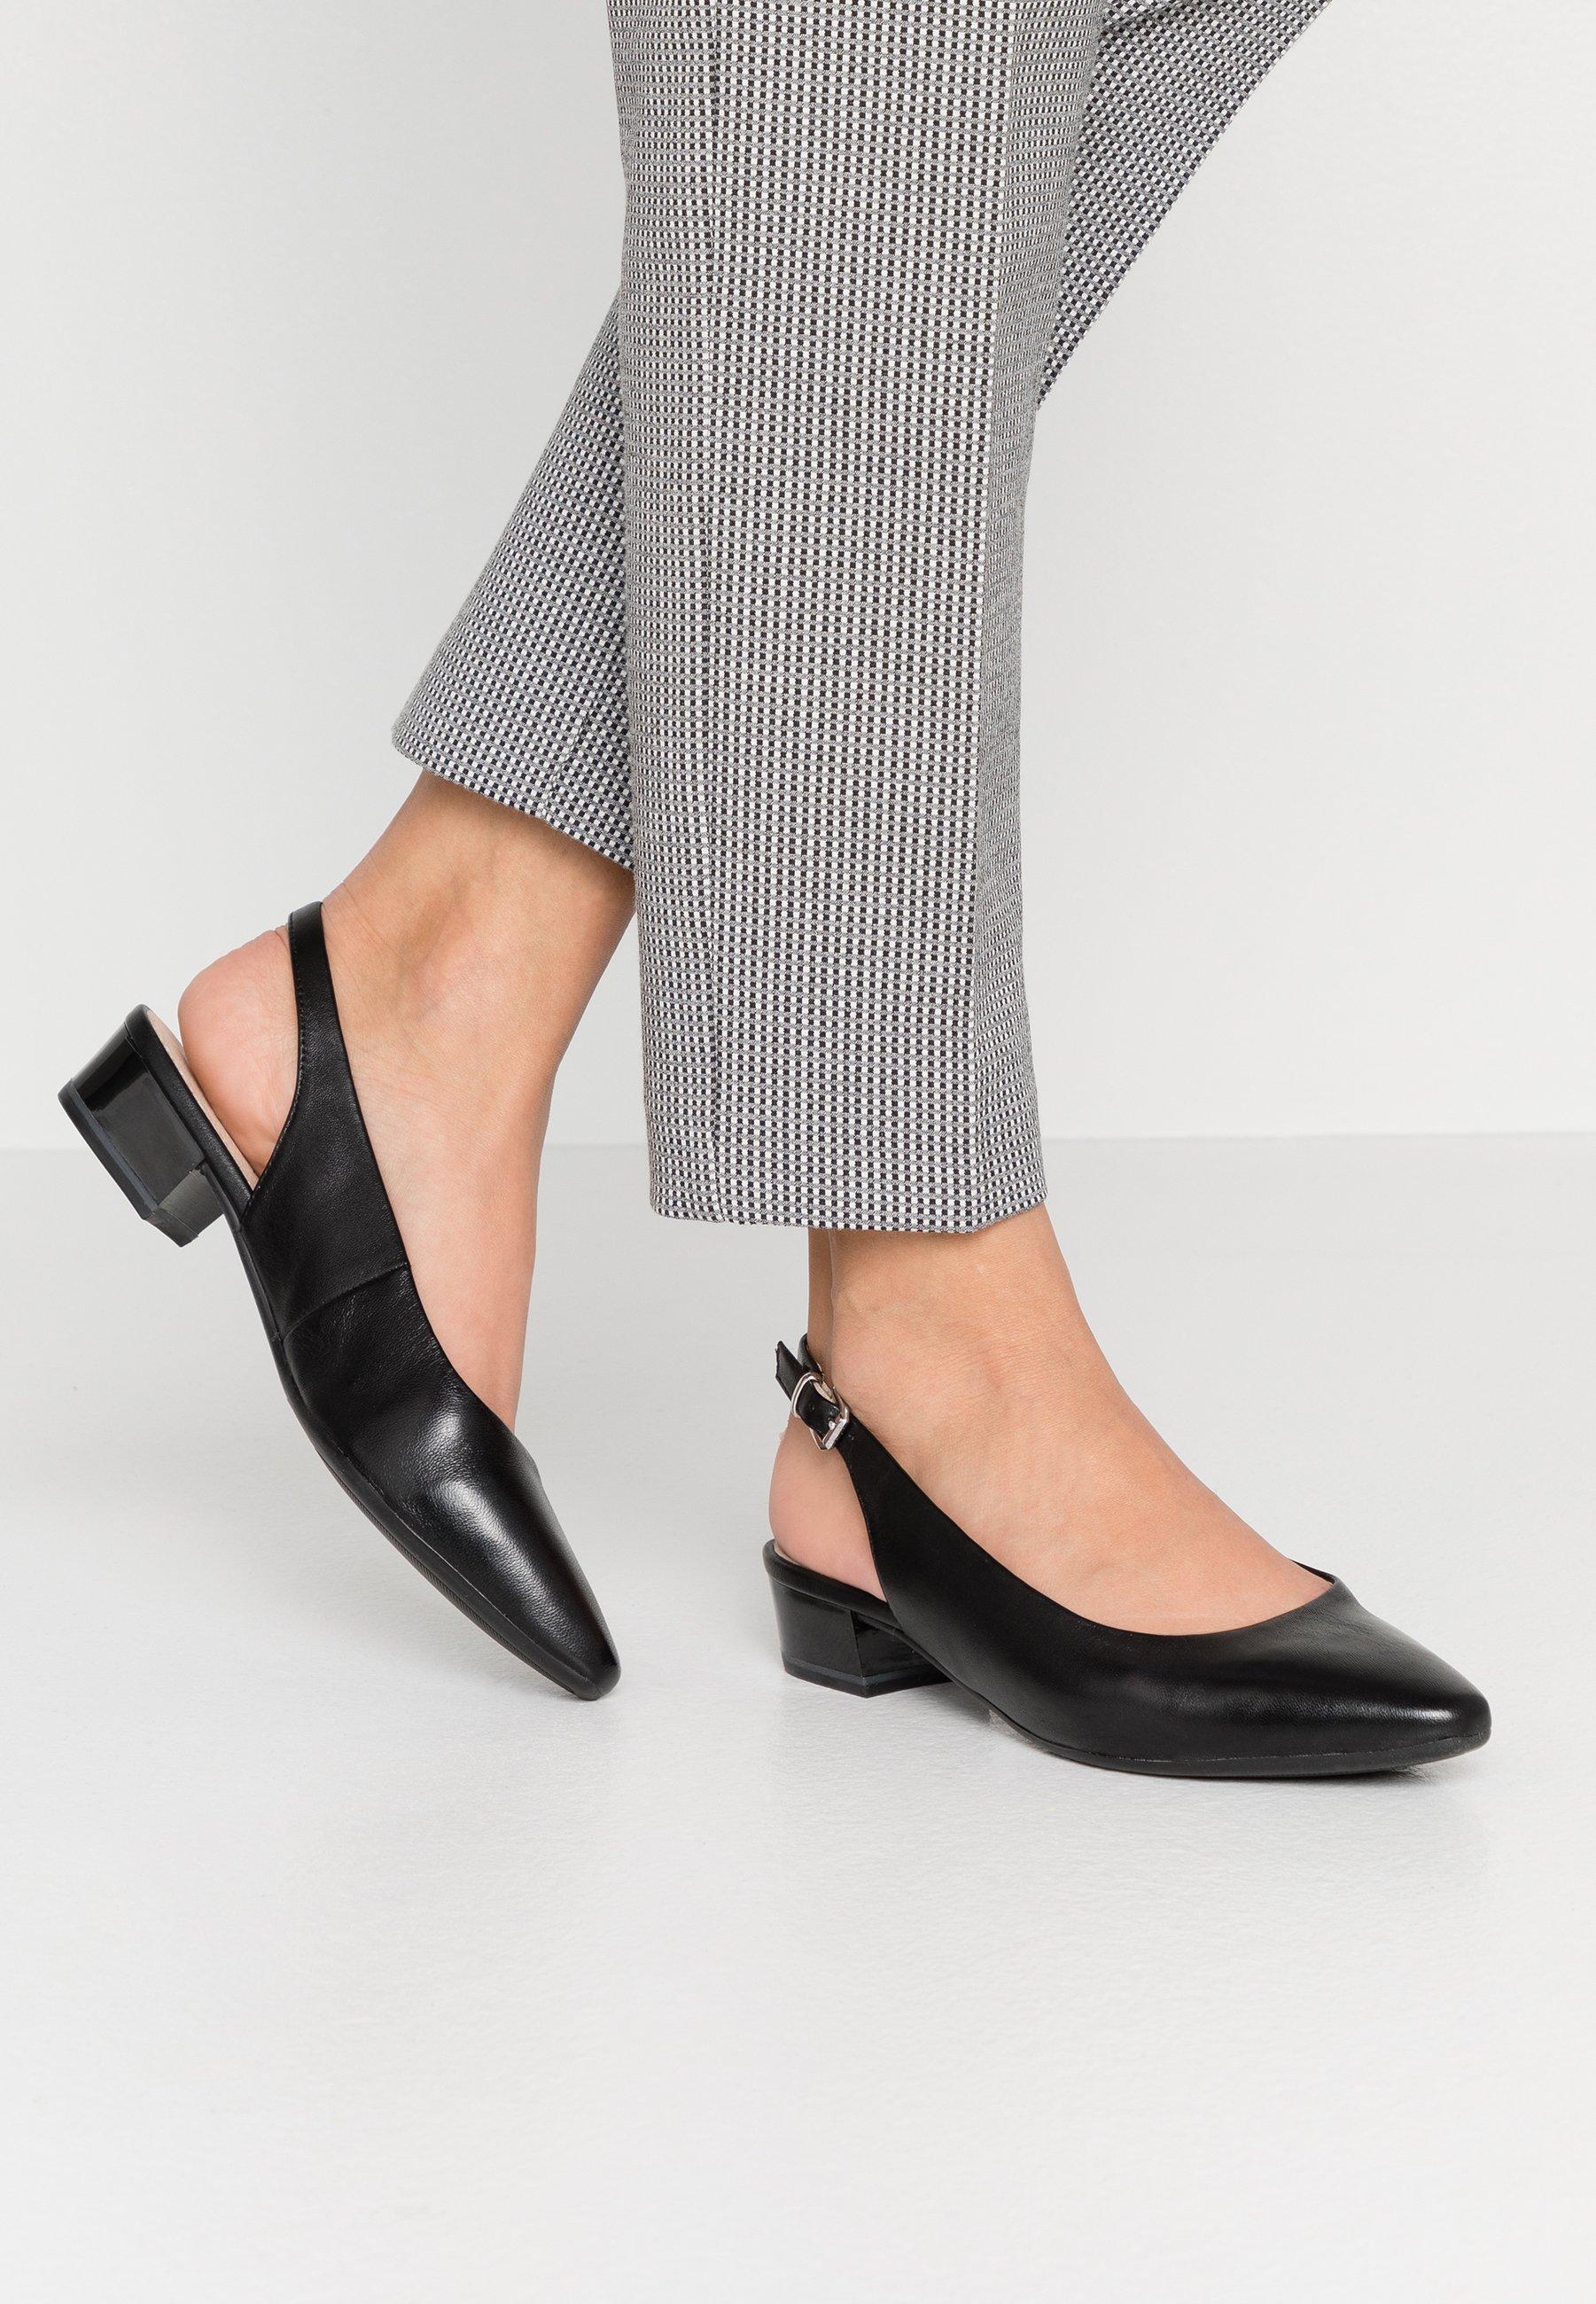 Caprice Escarpins - black - Chaussures à talons femme Classique